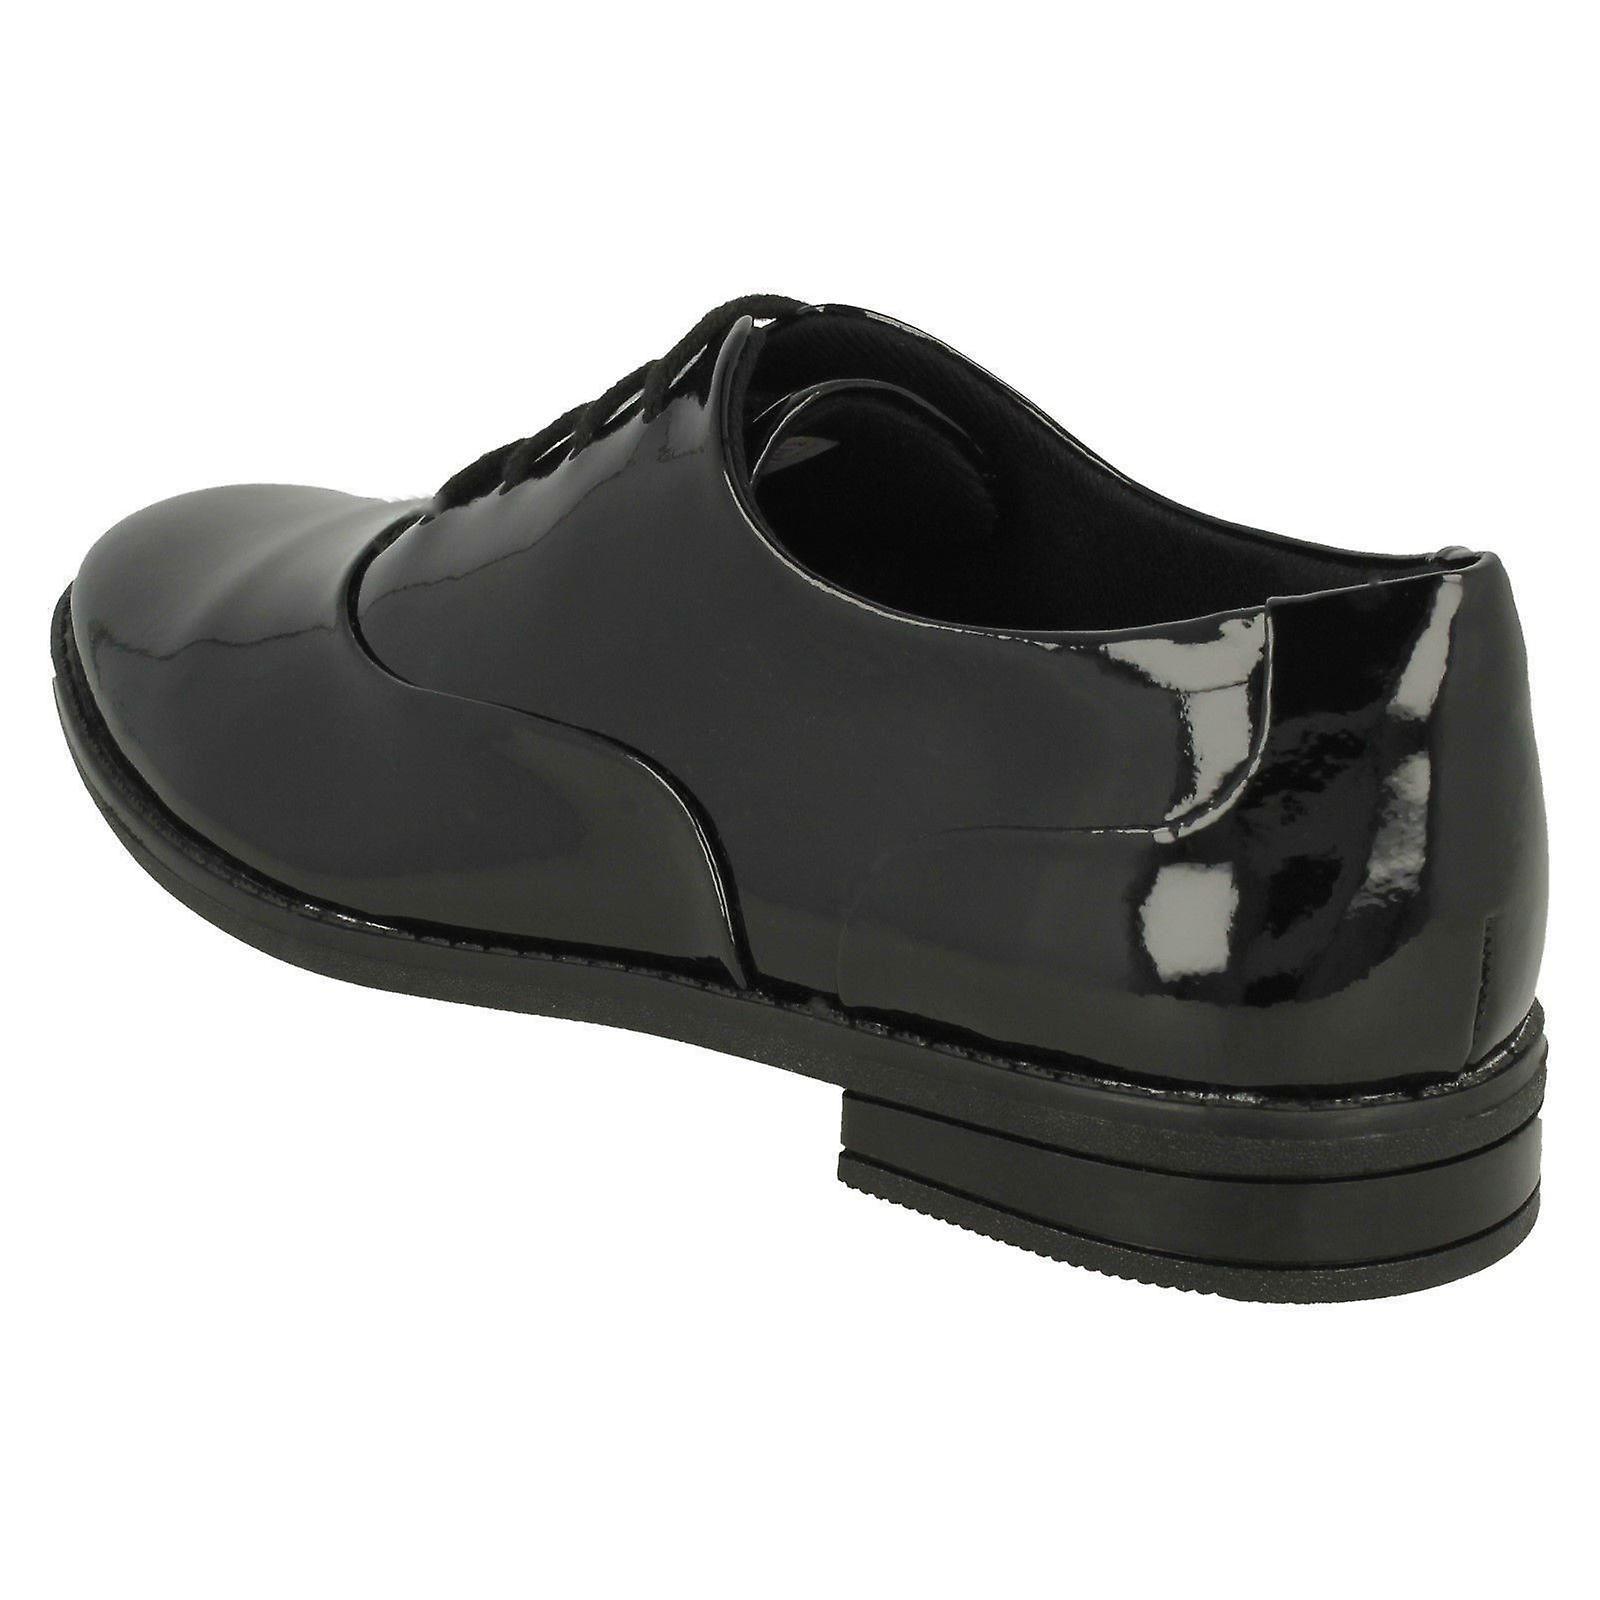 Clarks Filles Lacent Brogue École Chaussures Drew Star